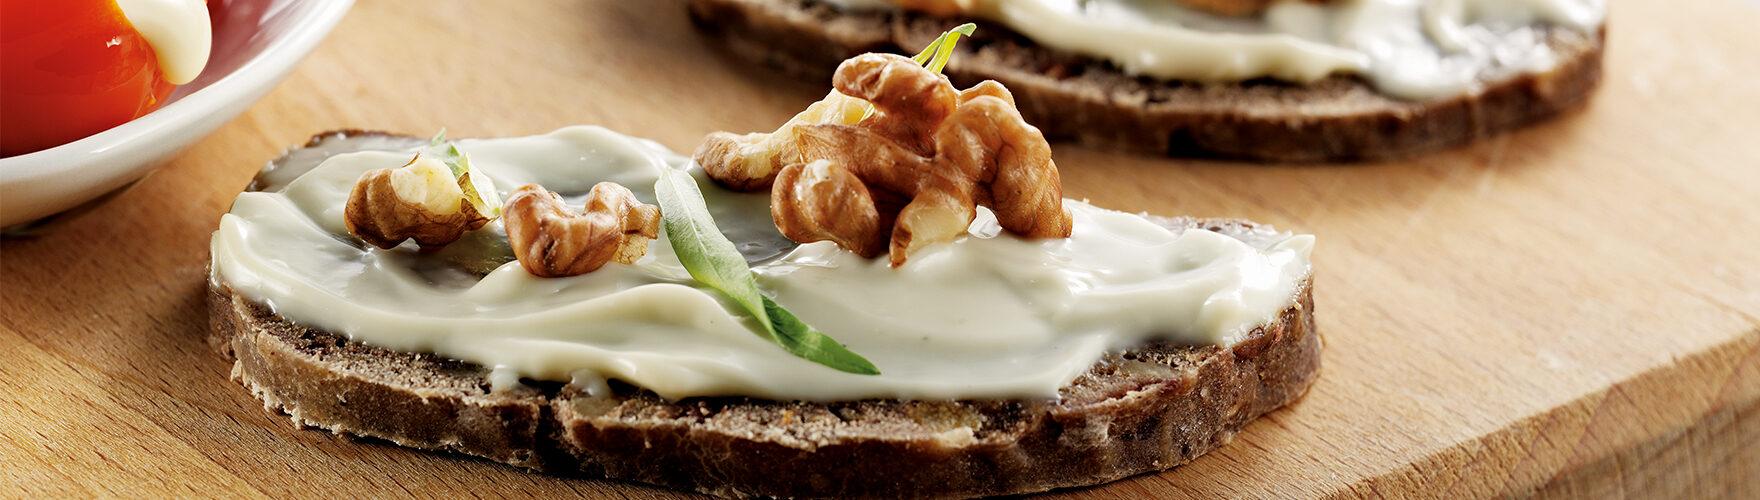 Poivrons doux farcis de bleu et de pain aux noix et aux raisins